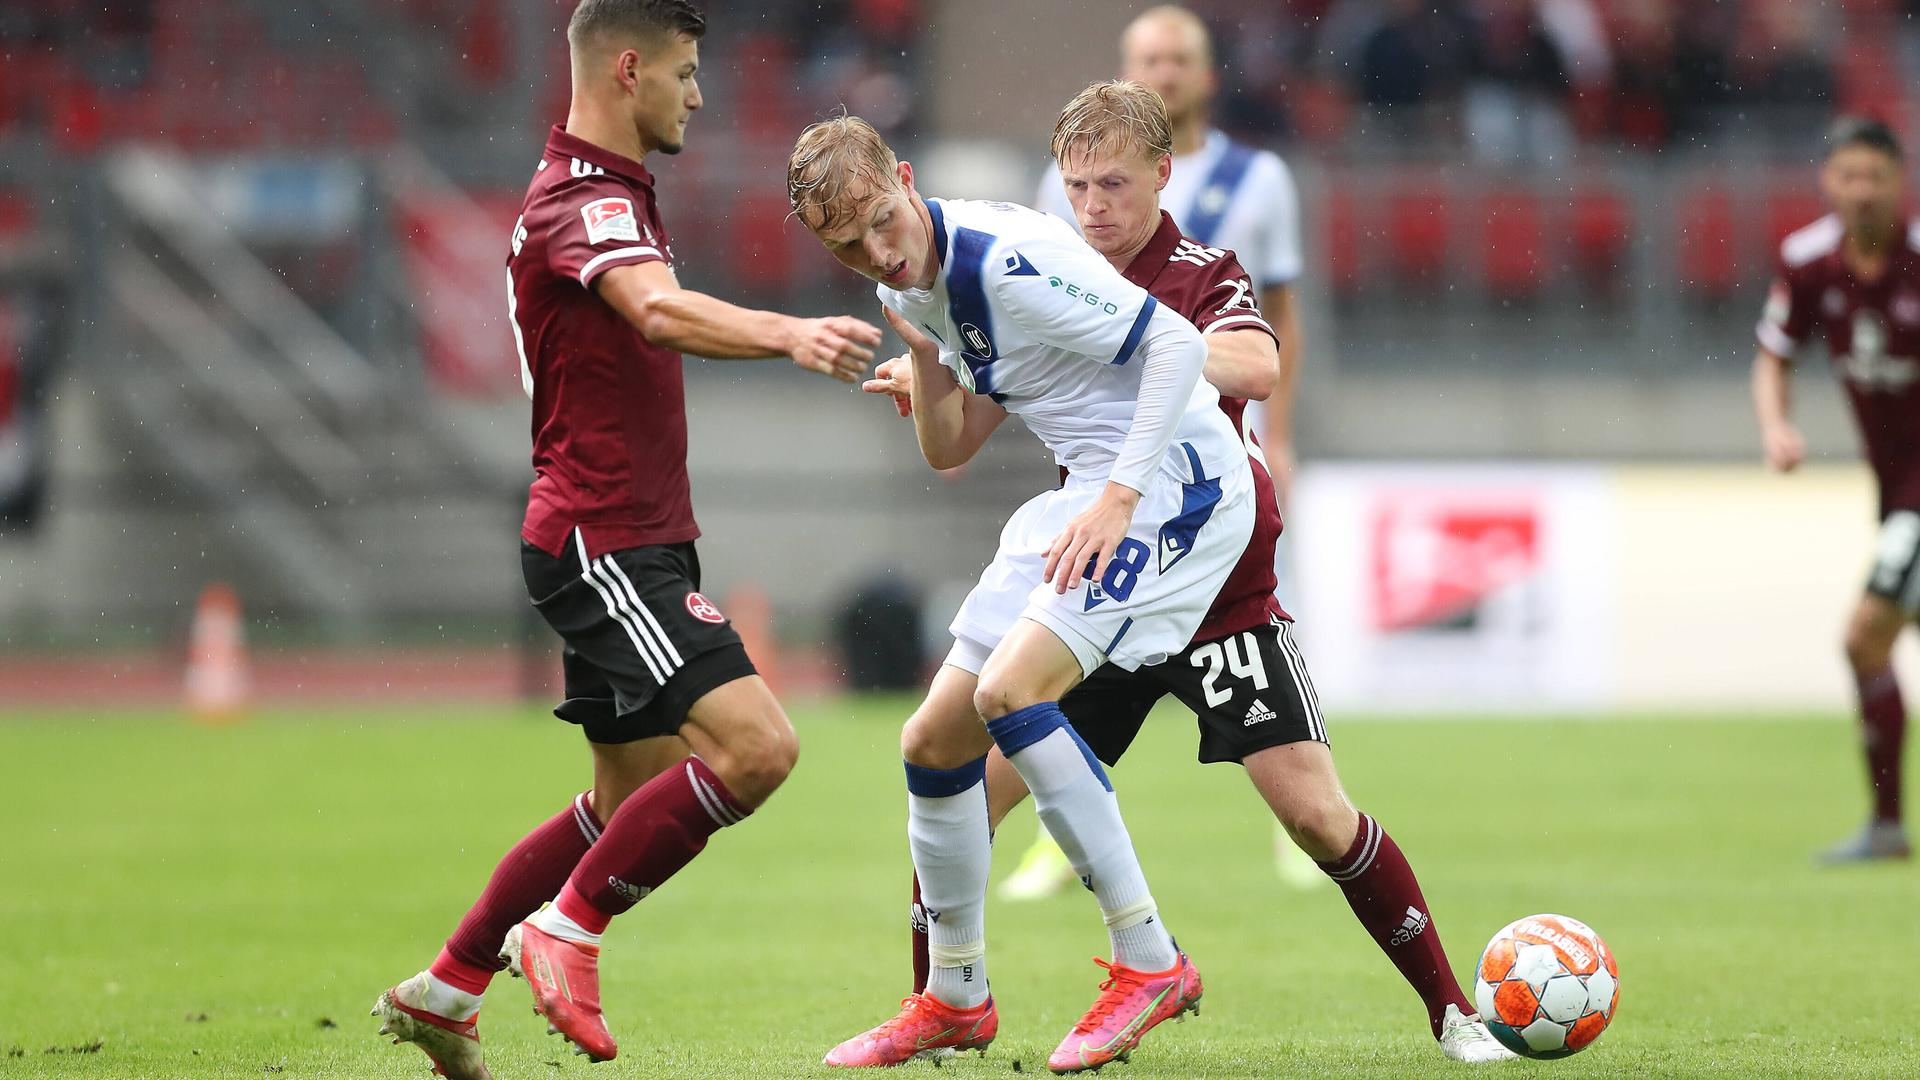 Vertrauen gerechtfertigt: Der erst 19 Jahre alte Tim Breithaupt, hier im Zweikampf mit Mats Moeller Daehli, bot im Spiel gegen den 1. FC Nürnberg eine sehr ordentliche Vorstellung im KSC-Mittelfeld.